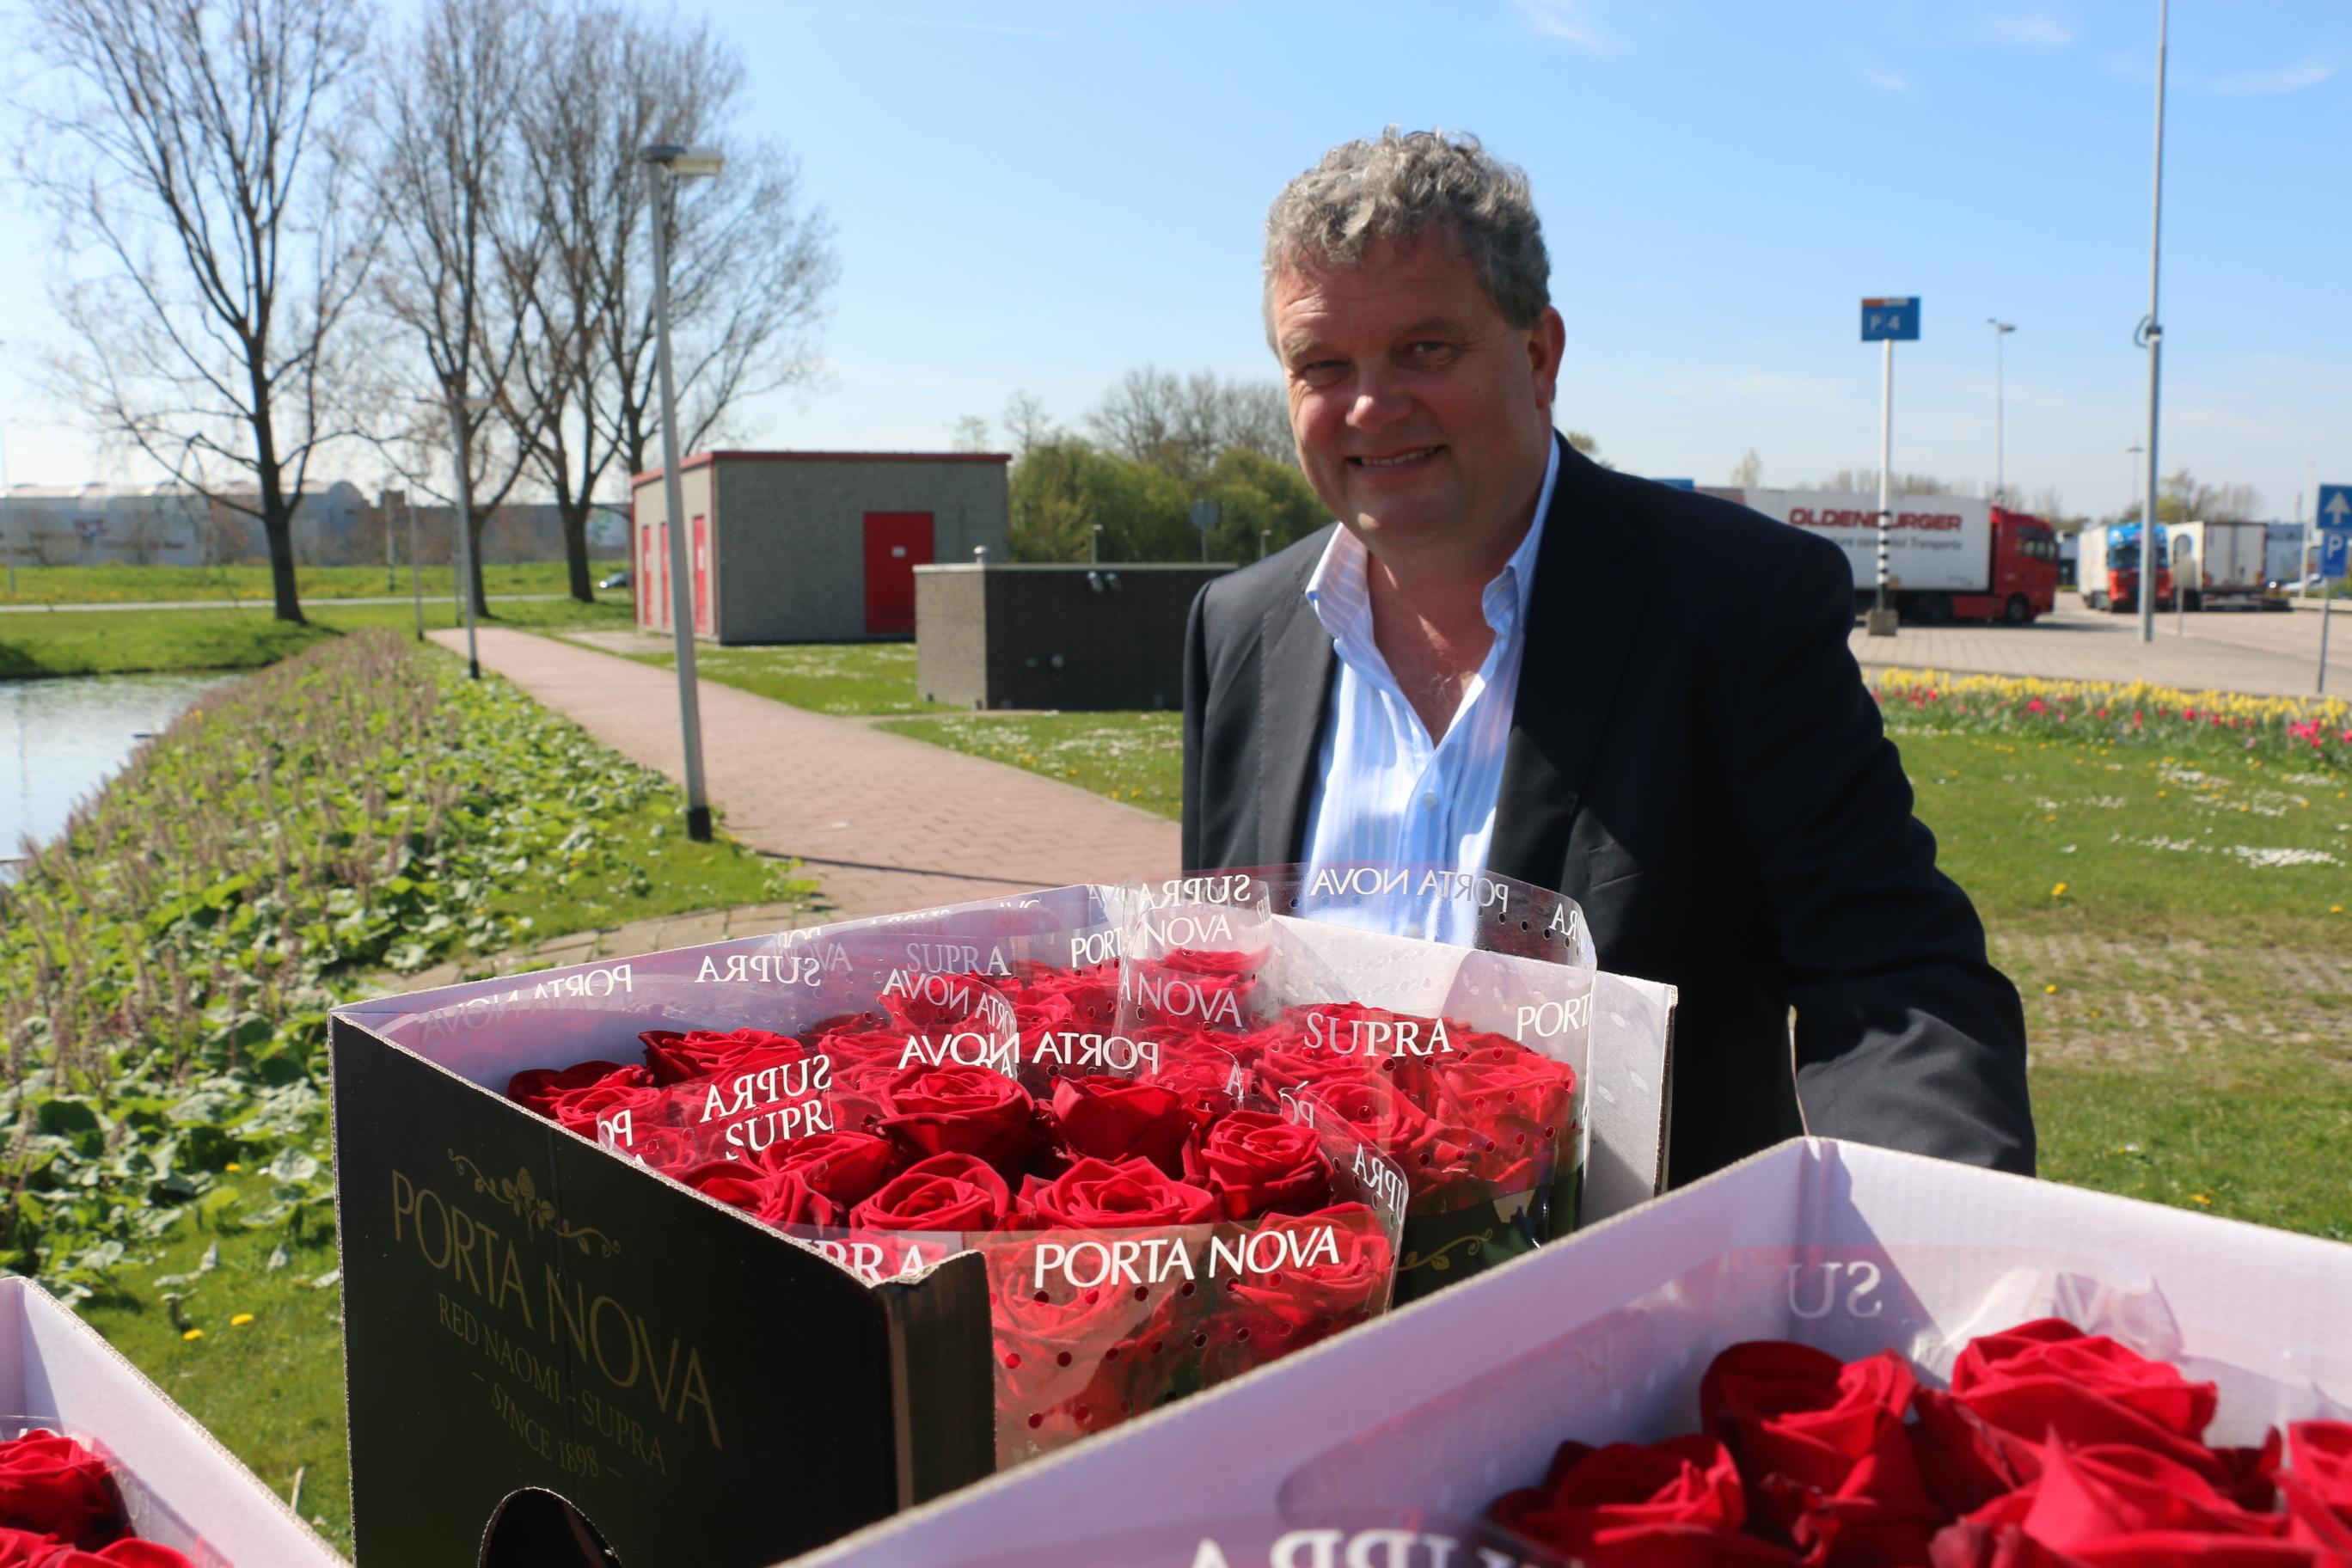 Porta Nova Red Naomi Red roses St Jordi barendsen